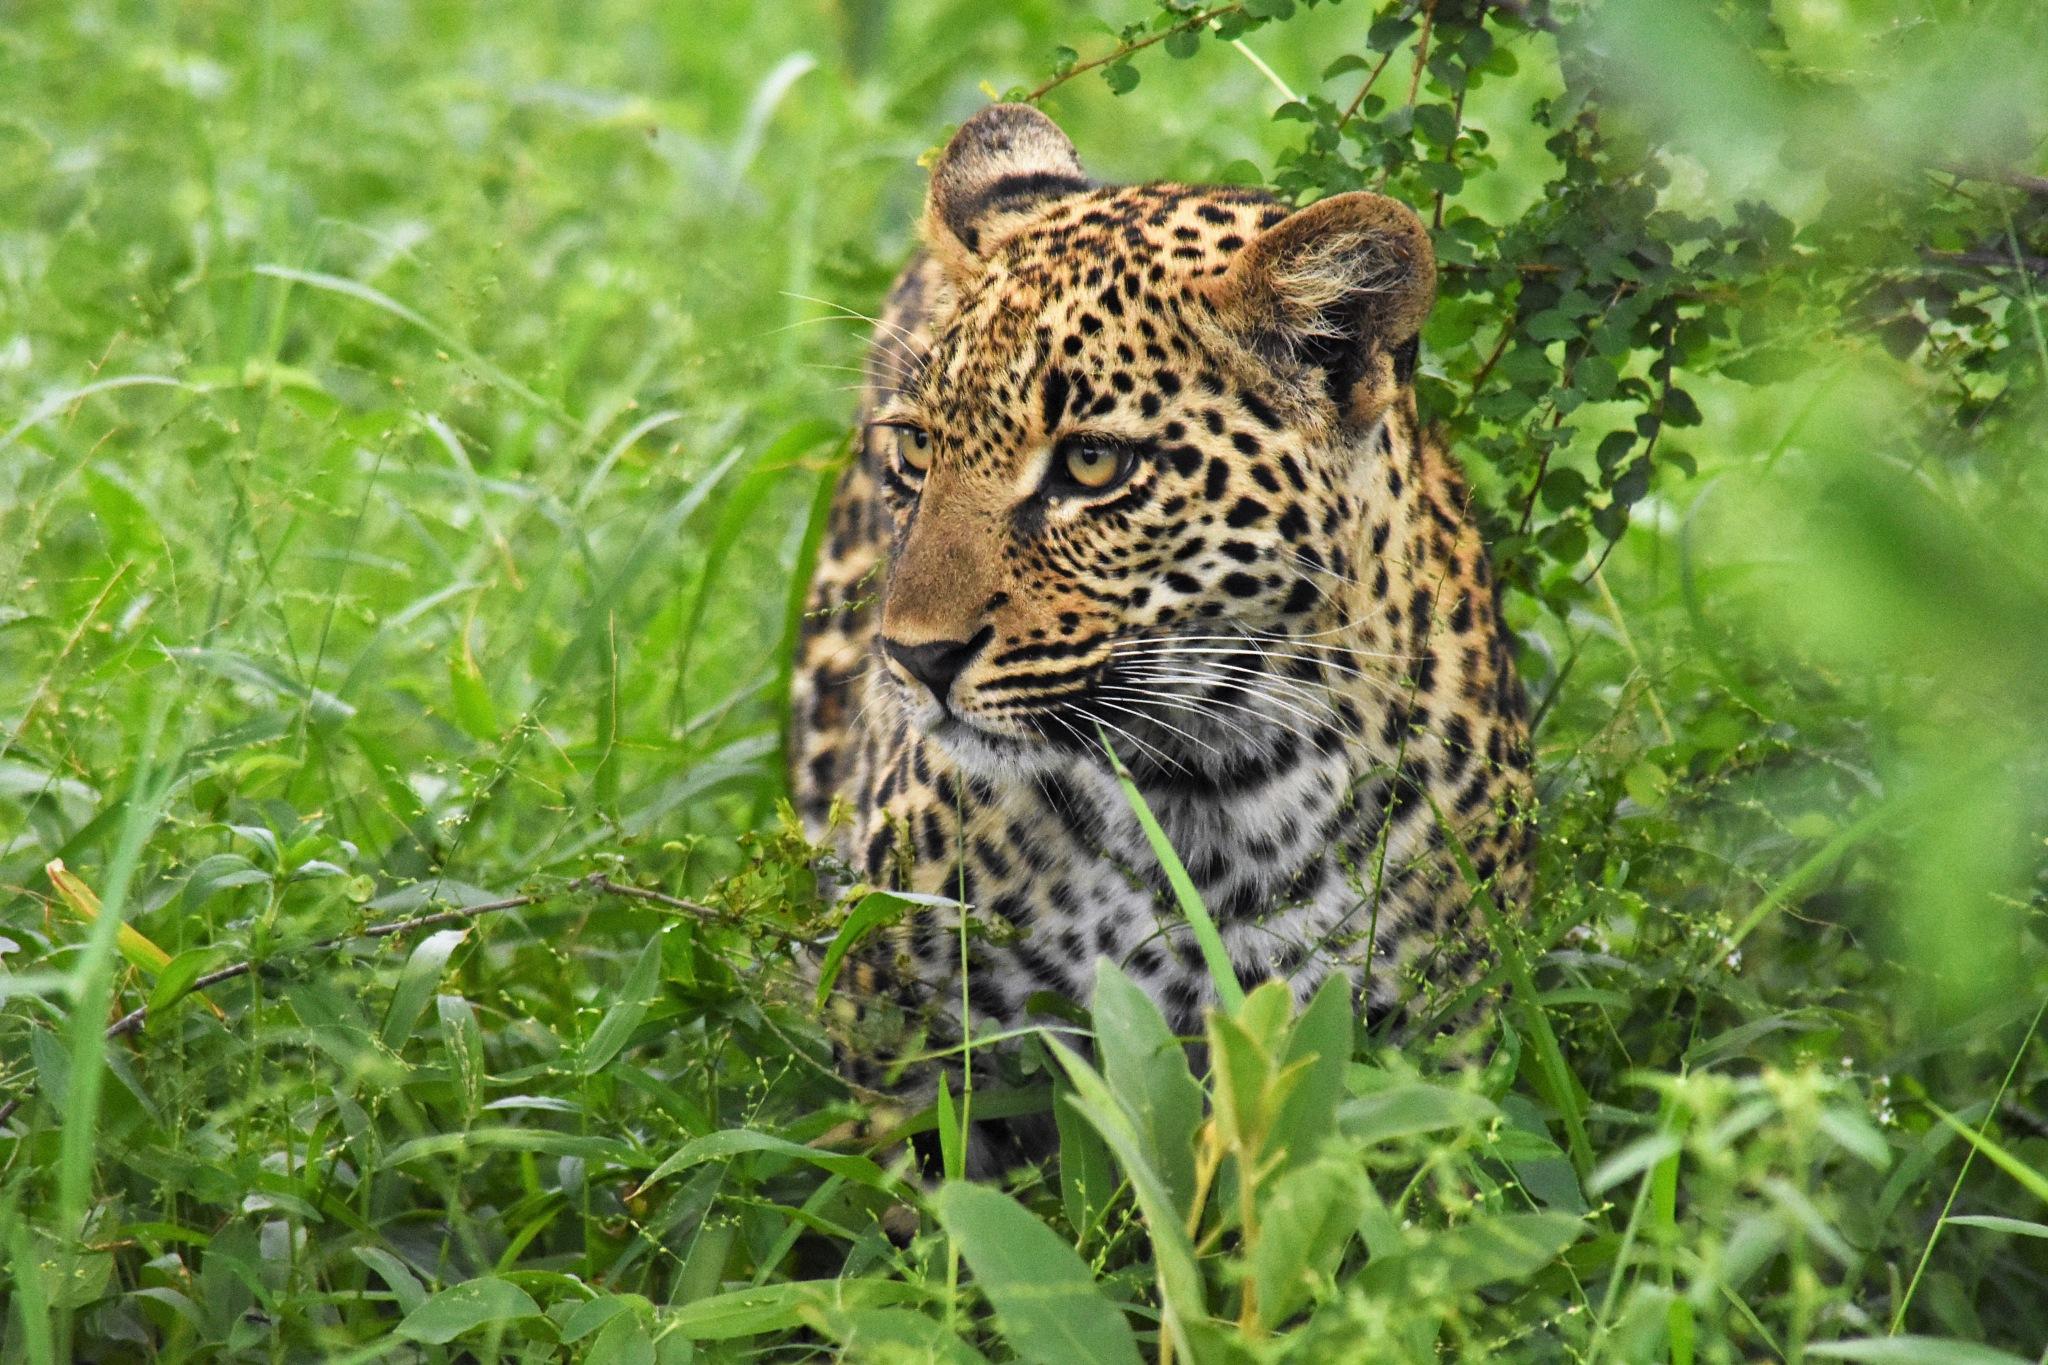 Little leopard in the gras by LydiaJeanMay